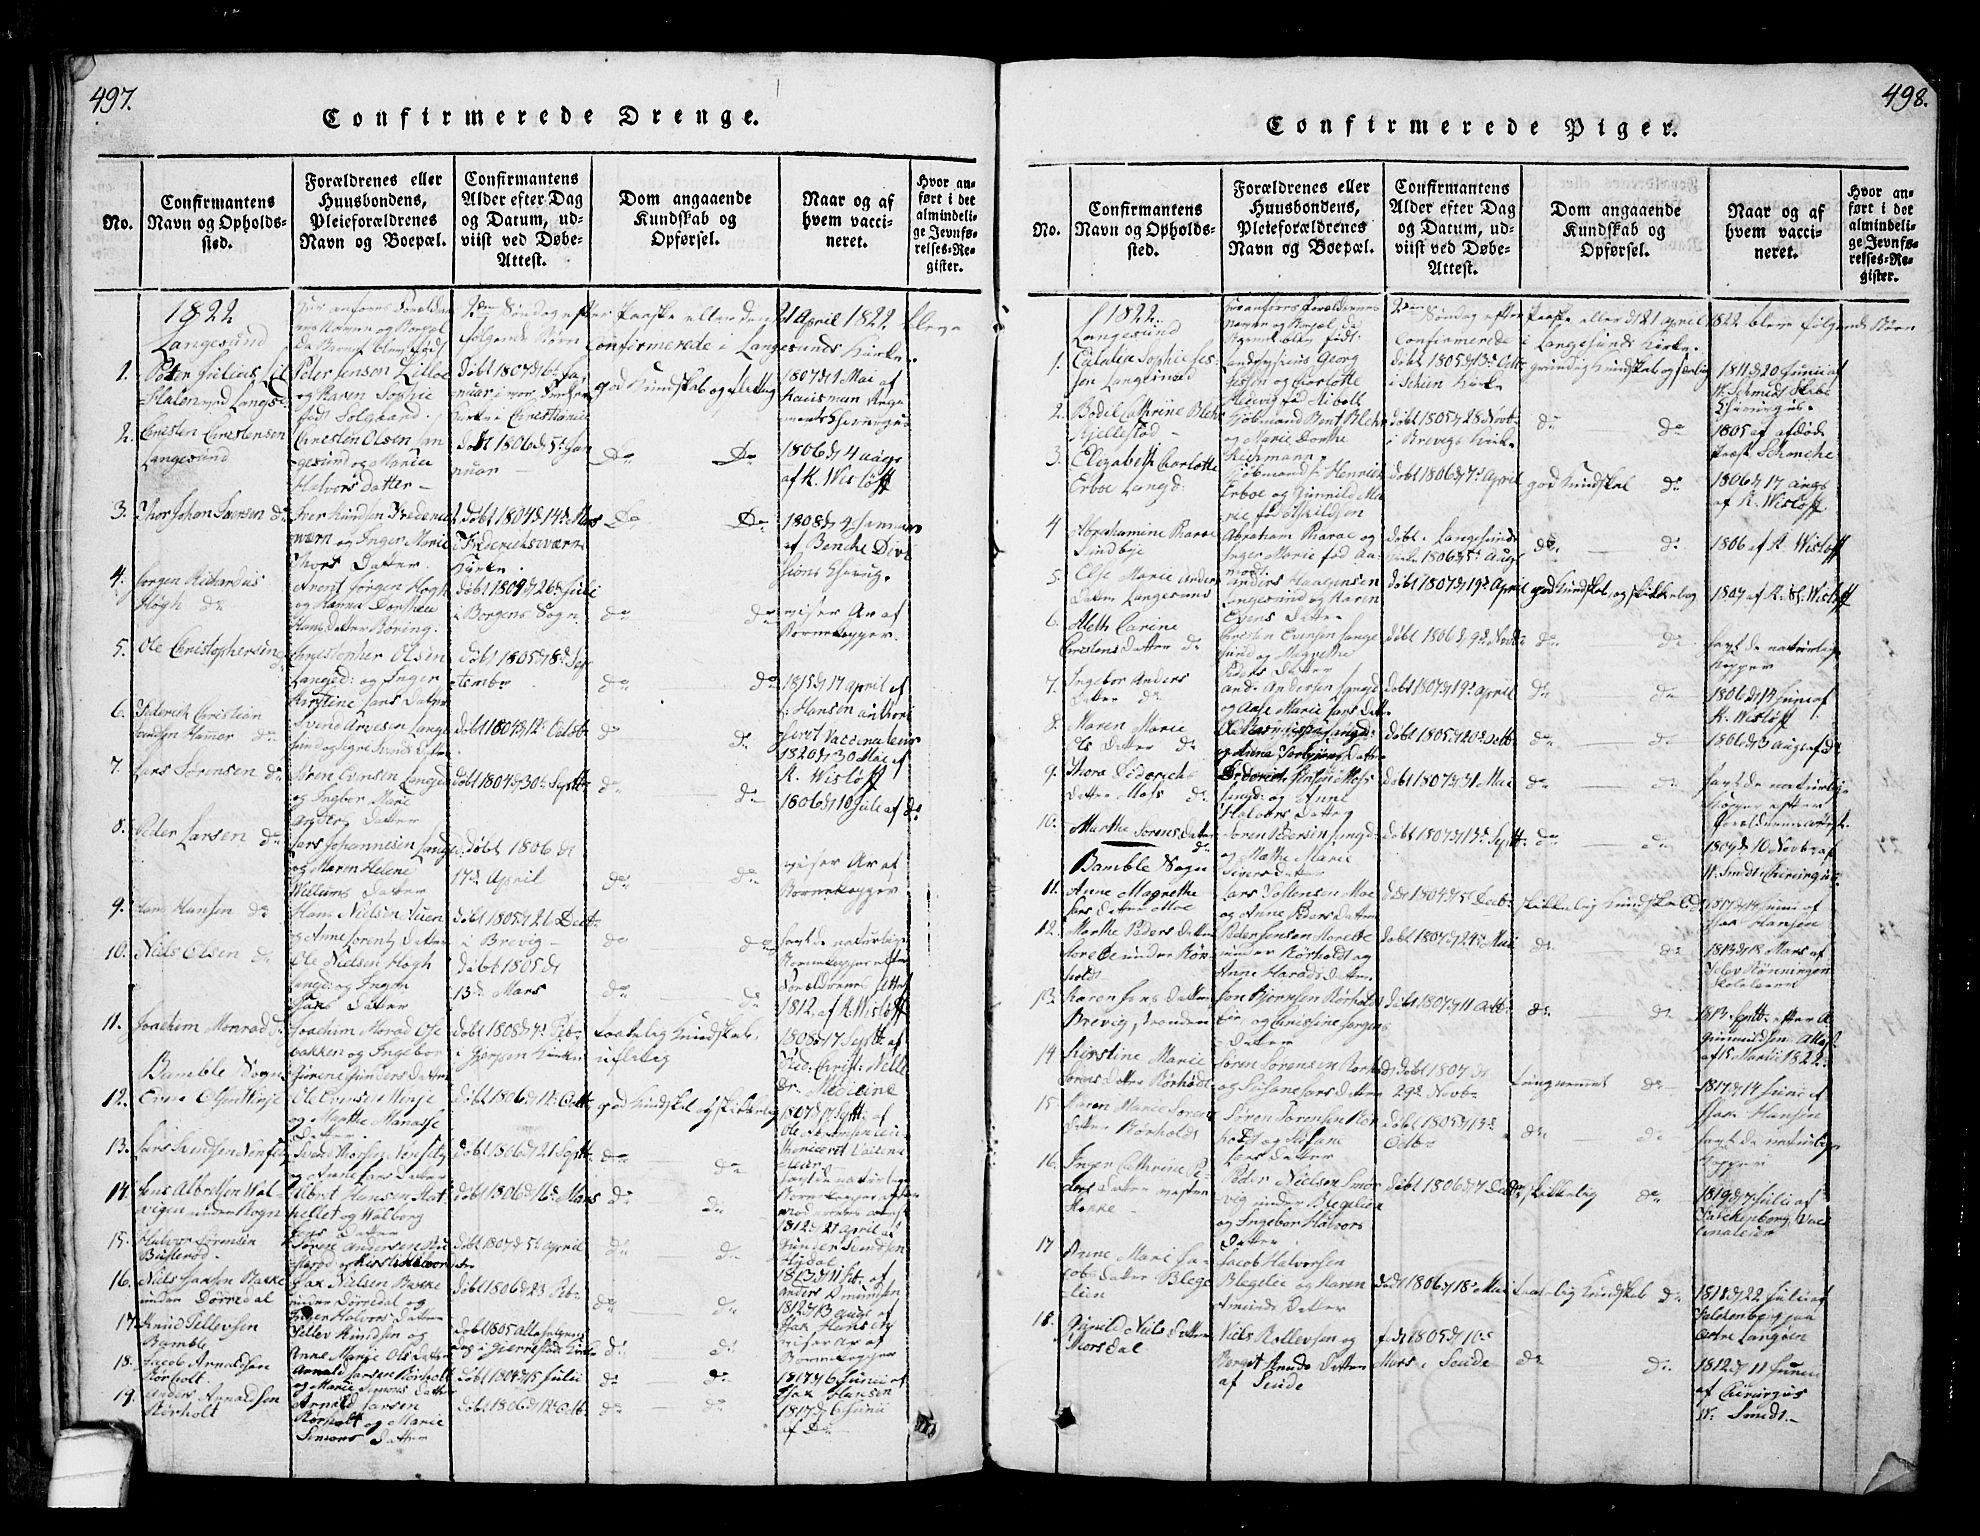 SAKO, Bamble kirkebøker, G/Ga/L0005: Klokkerbok nr. I 5, 1814-1855, s. 497-498